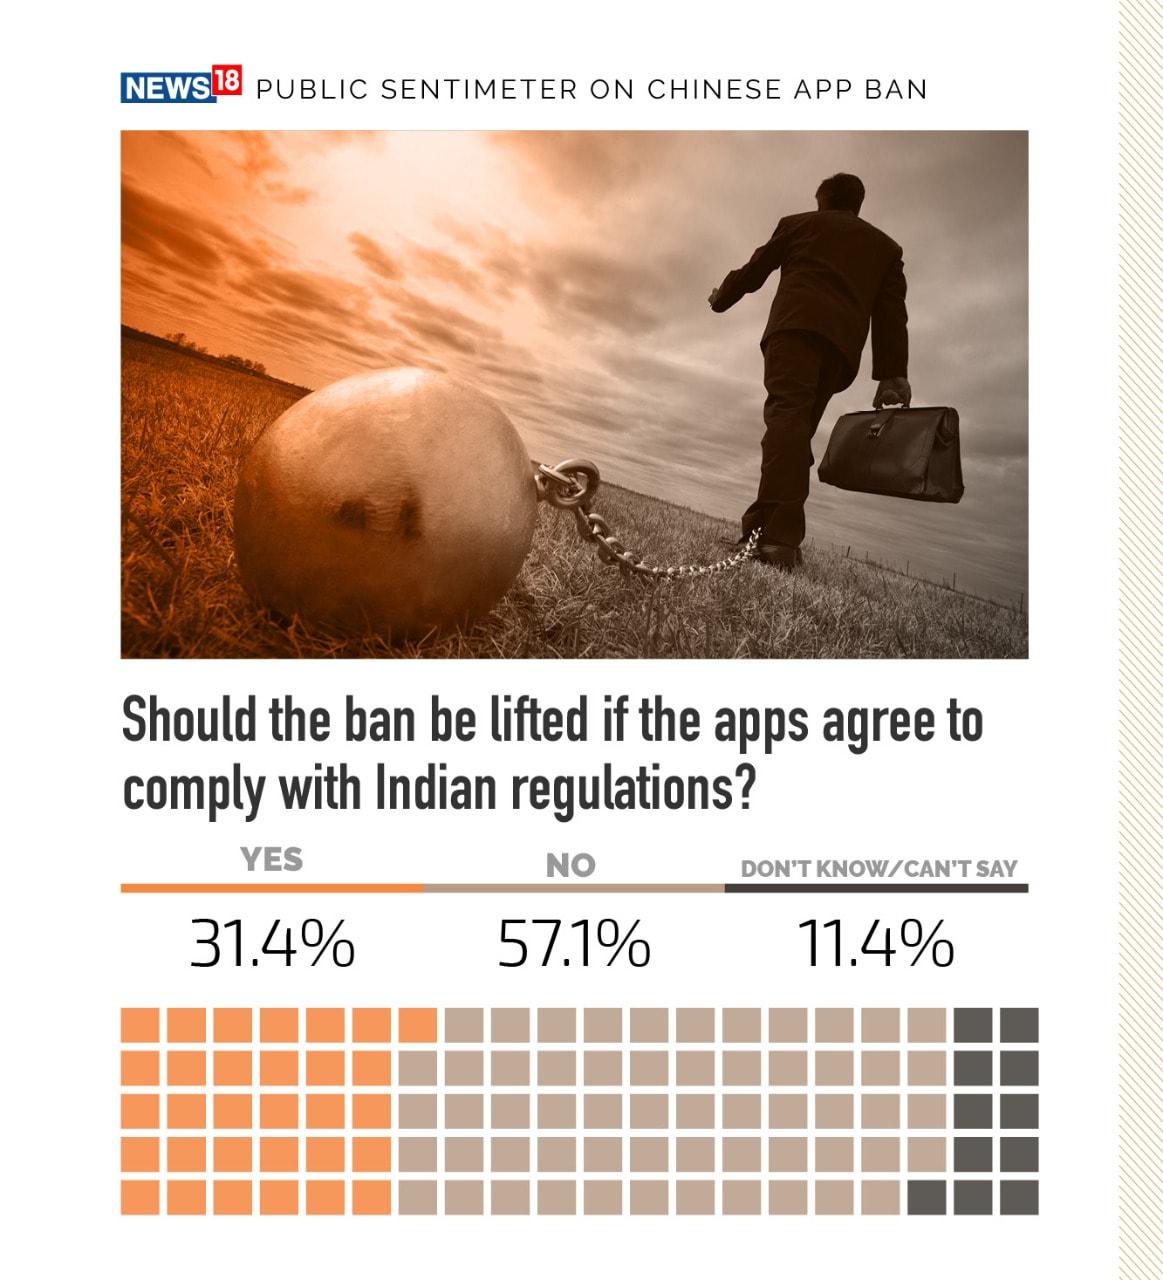 இந்தியாவின் விதிமுறைகளுக்கு உள்பட்டால் தடையை நீக்க வேண்டுமா என்ற கேள்விக்கு 31.4% பேர் ஆம் என்றும், 57.1% பேர் இல்லை என்றும் 11.4% பேர் கருத்து இல்லை என்றும் கூறியுள்ளனர்